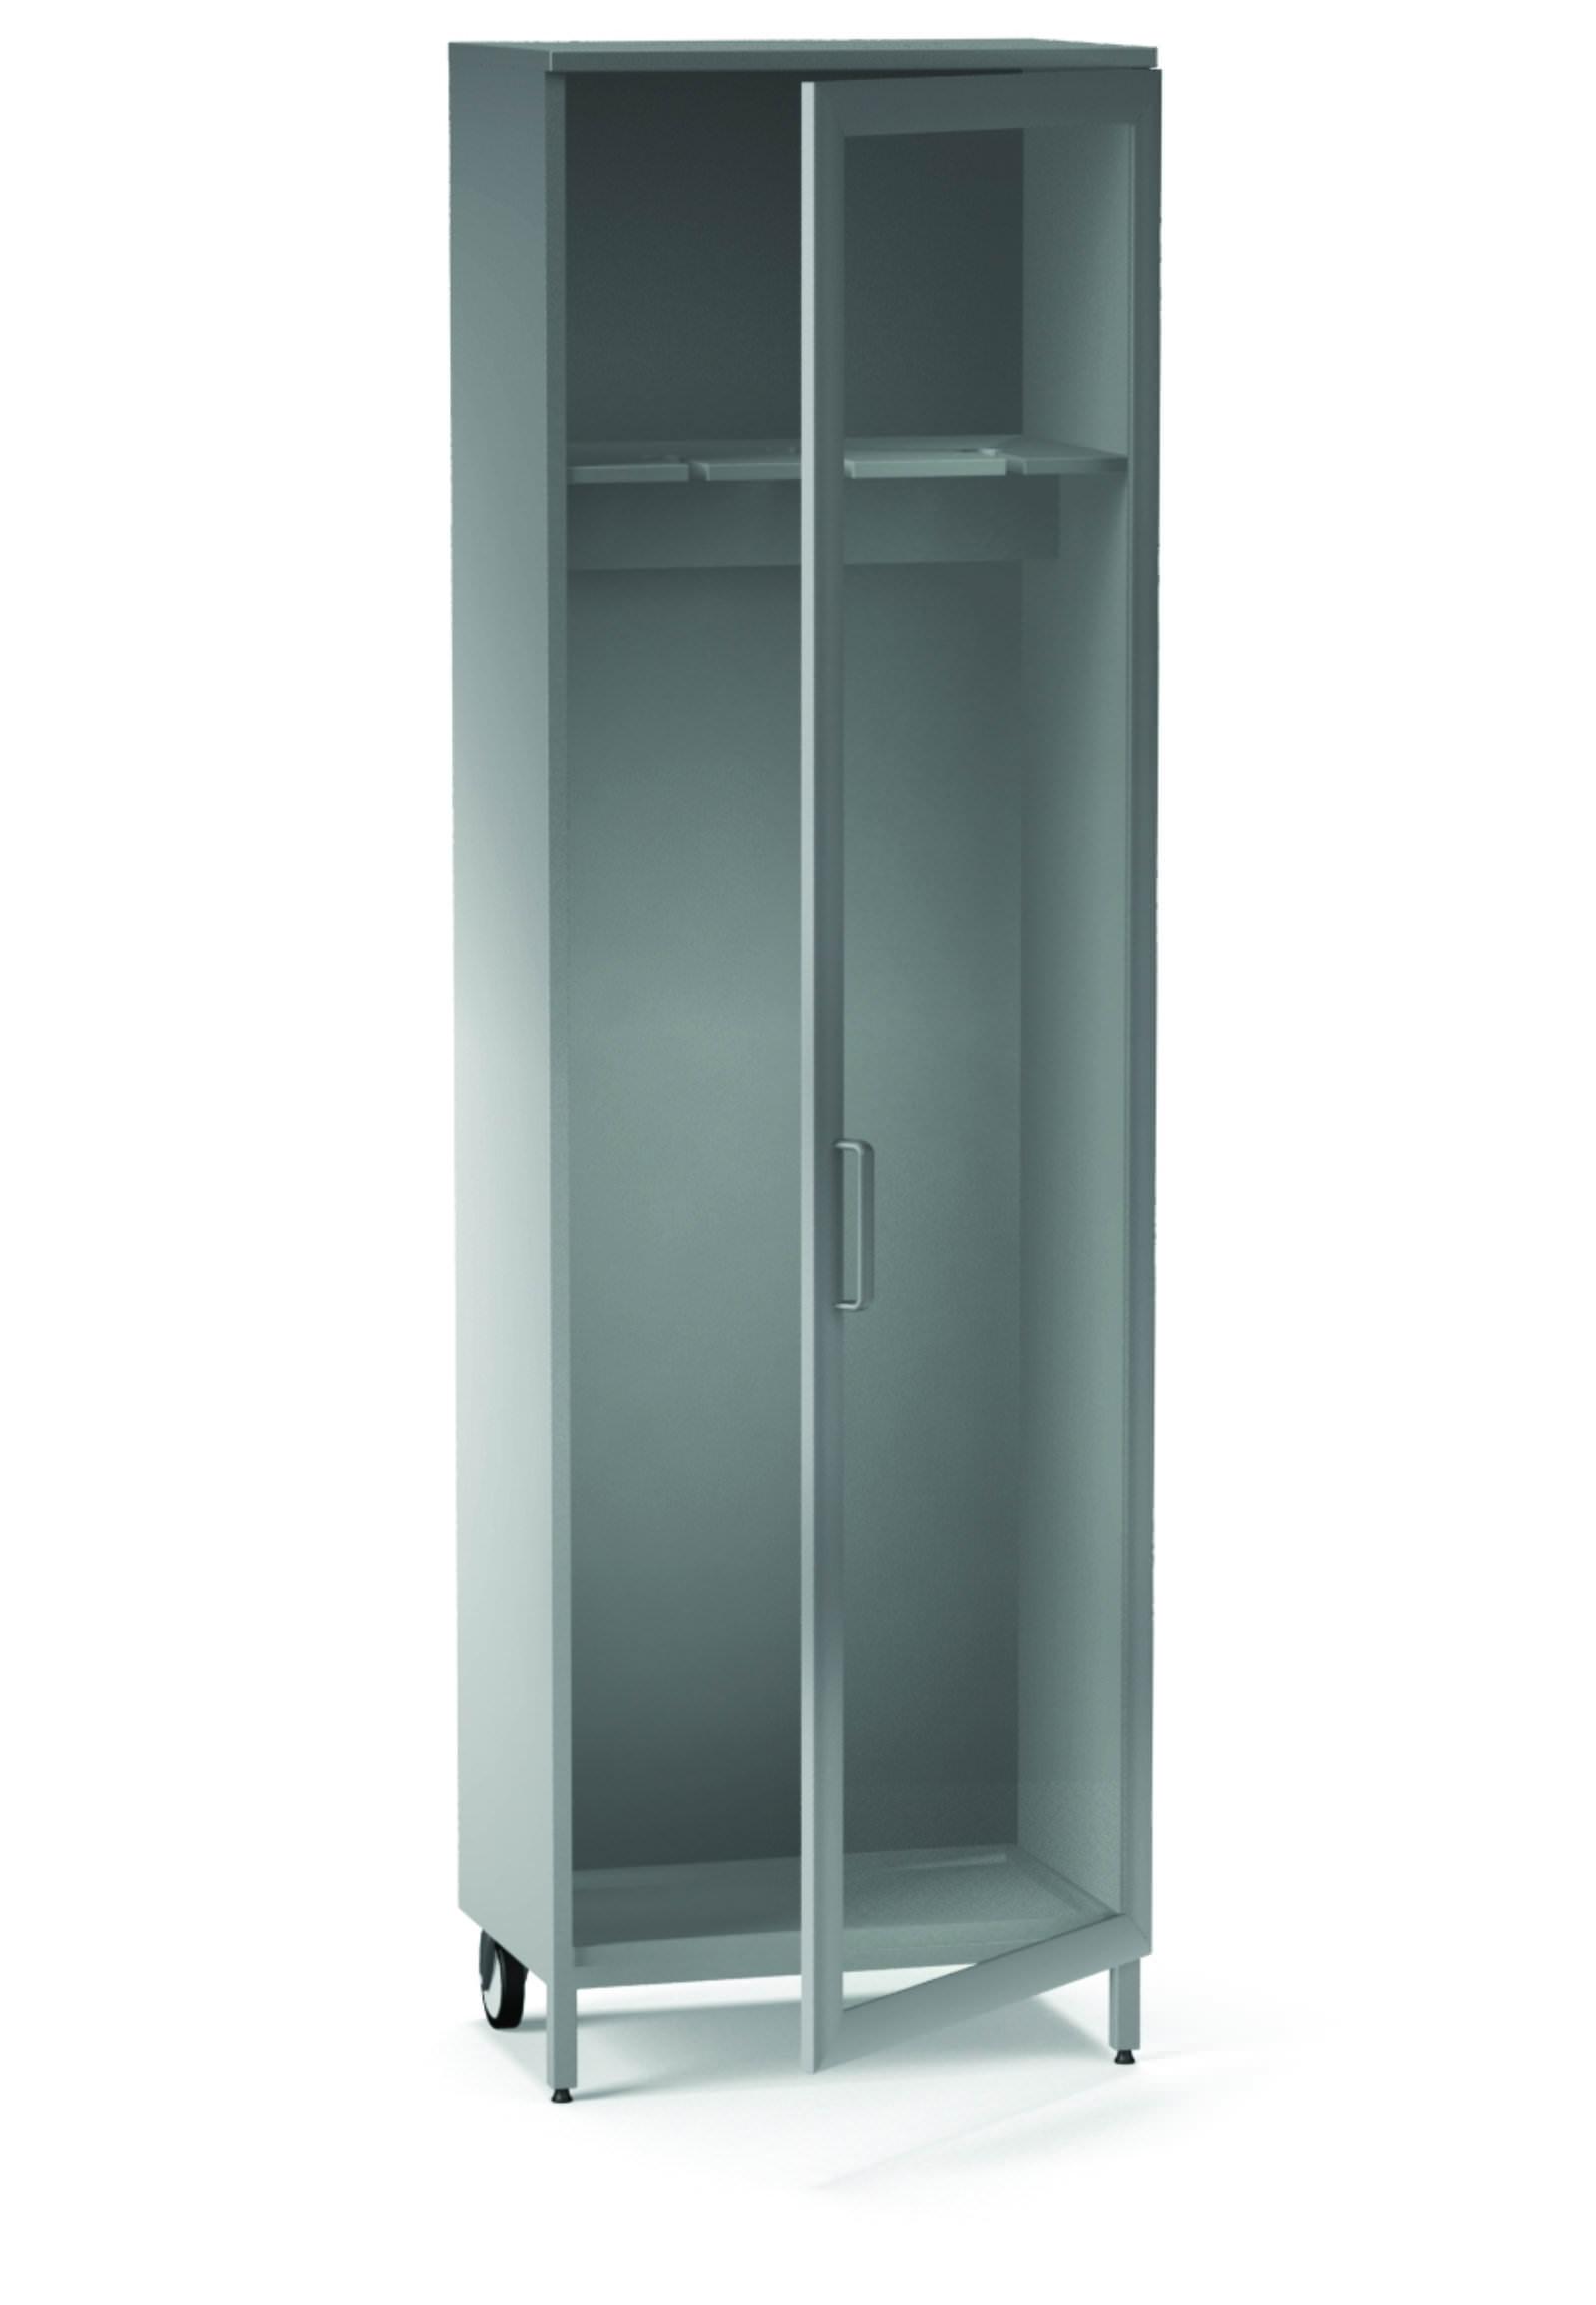 Фотография шкафа для хранения эндоскопов ДМ-6-001-09